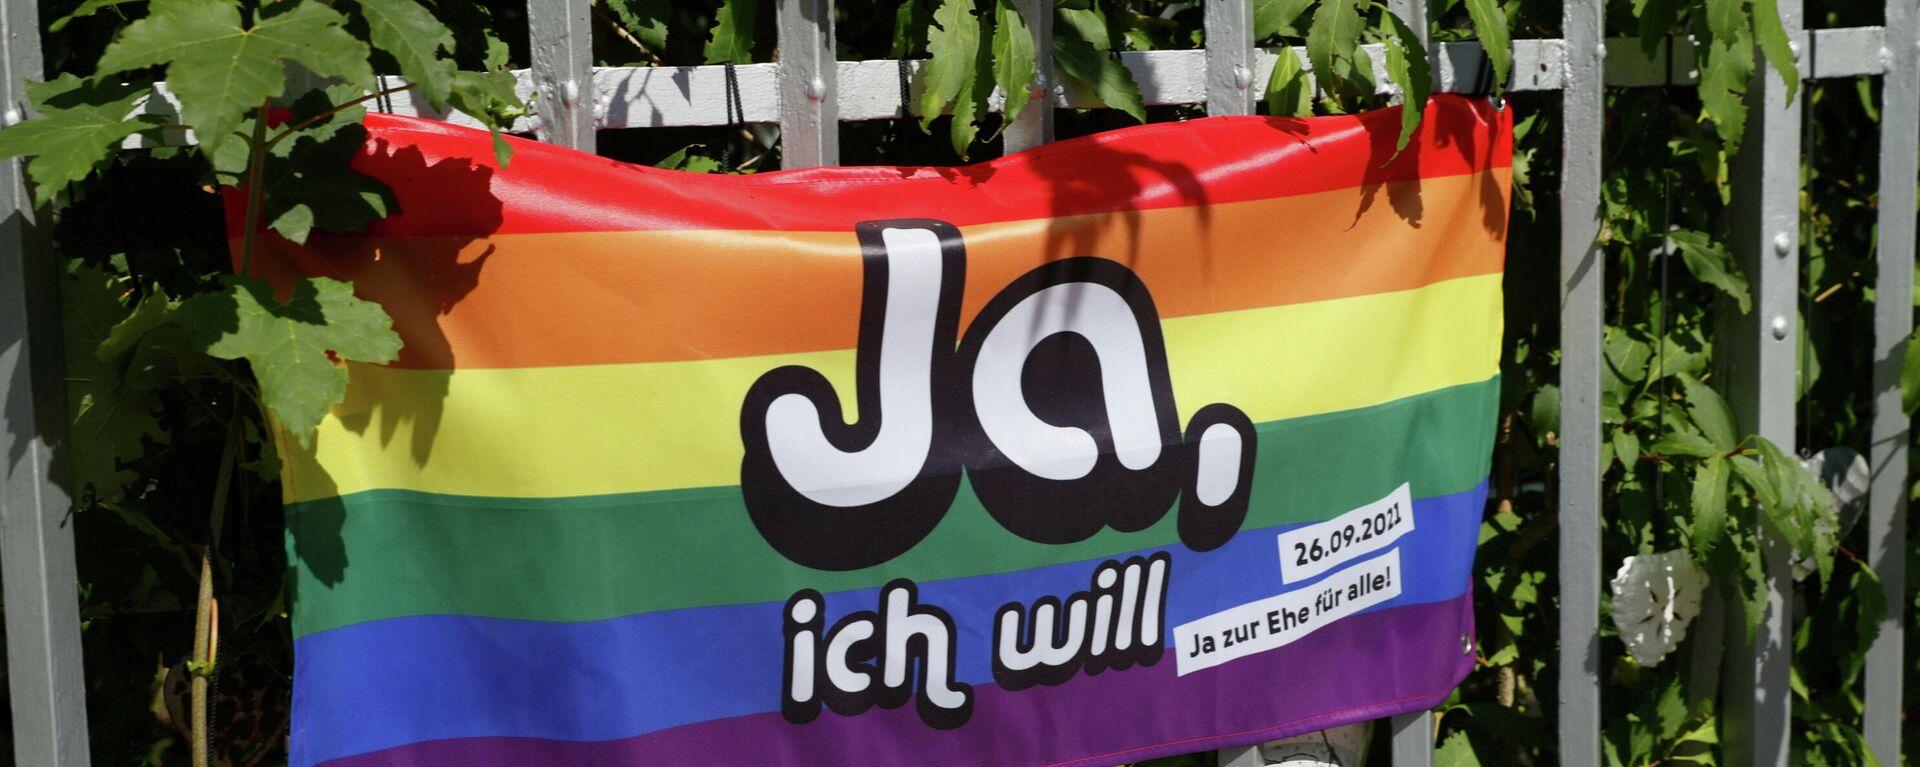 LGBT-Flagge in Bern im Vorfeld der Volksabstimmung  - SNA, 1920, 26.09.2021